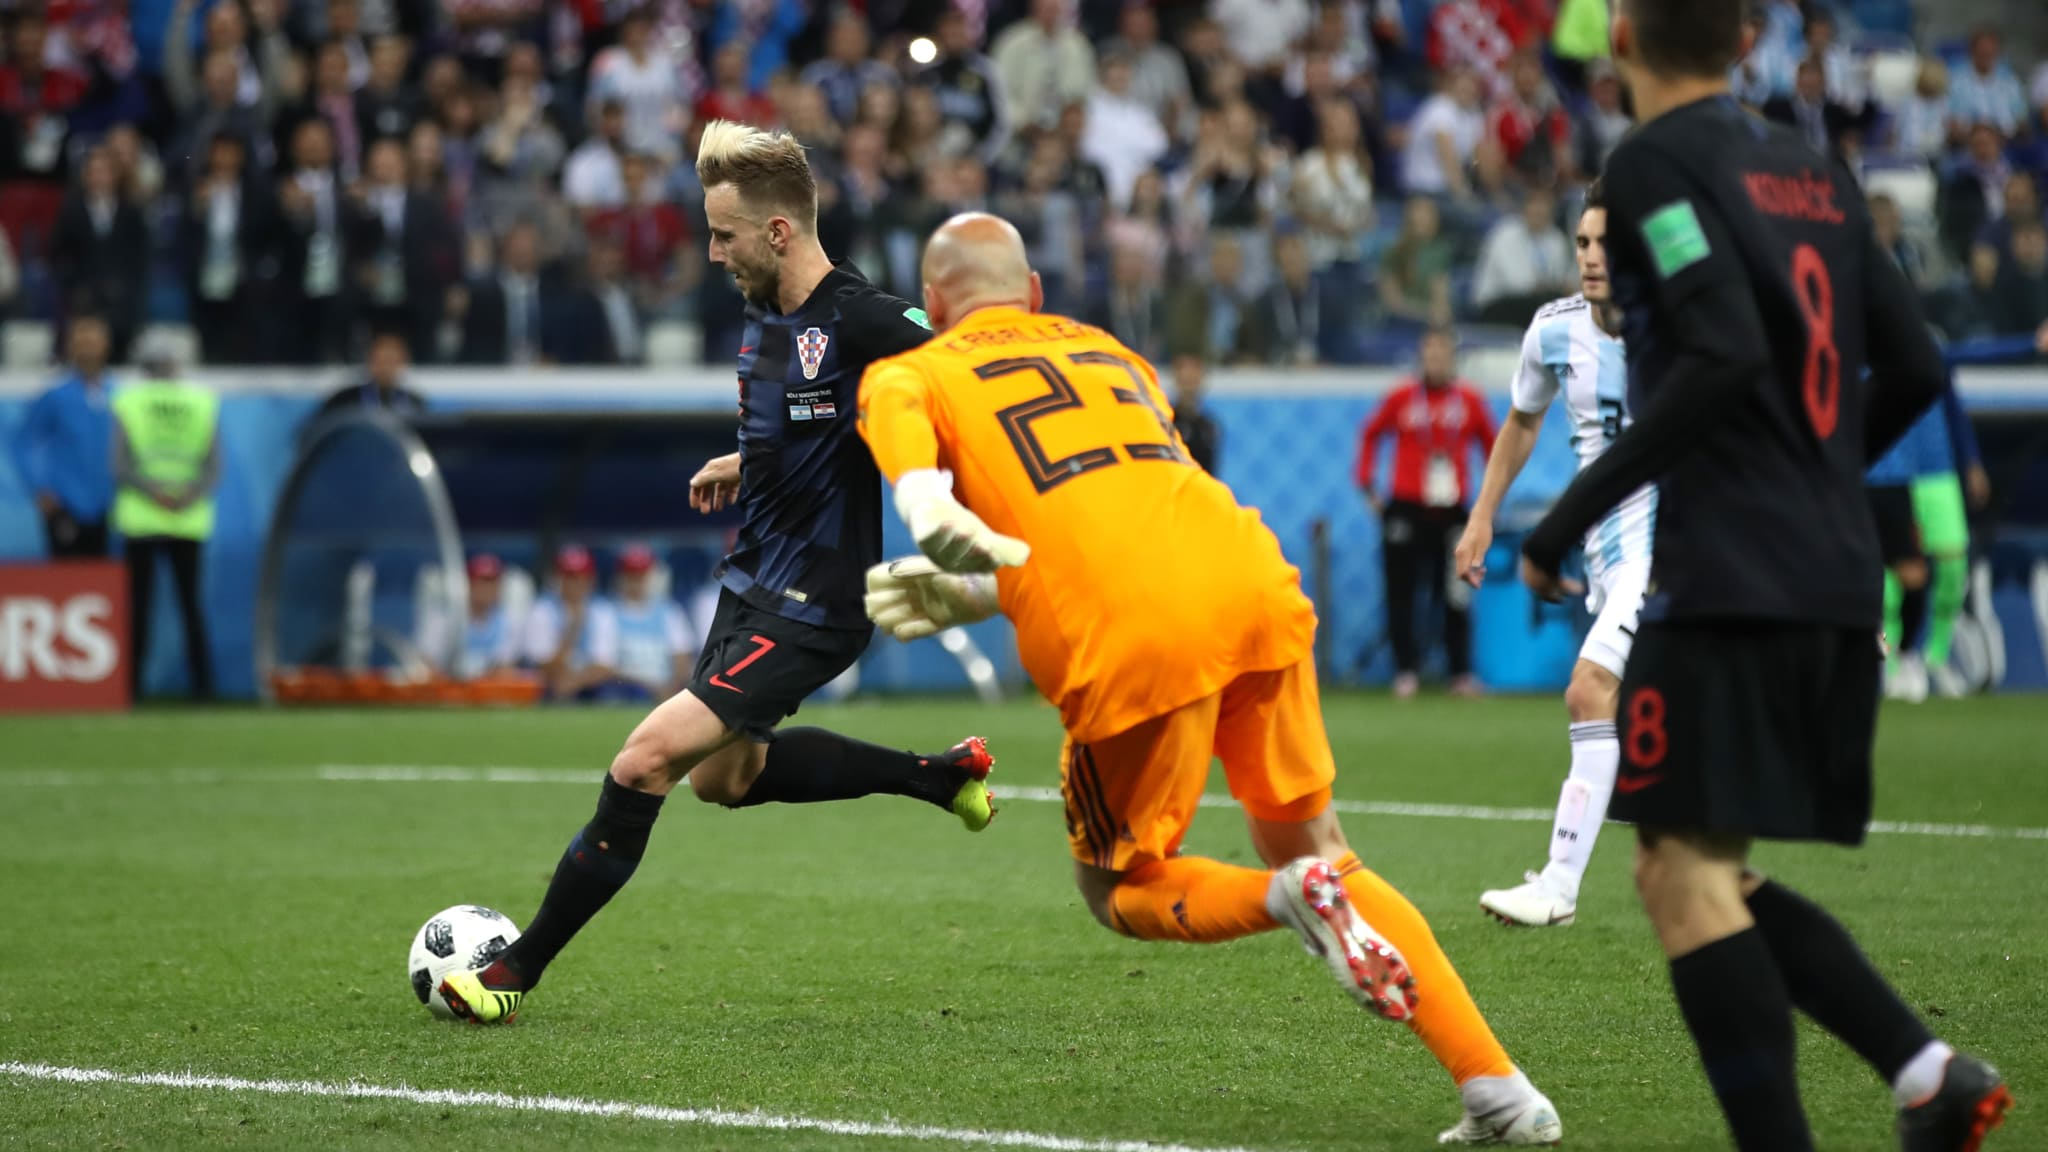 GOL KETIGA. Ivan Rakitic (Kroasia) mencetak gol ketiga melewati kiper Argentina Wilfredo Caballero di pertandingan grup D, Jumat, 22 Juni. Foto dari FIFA.com